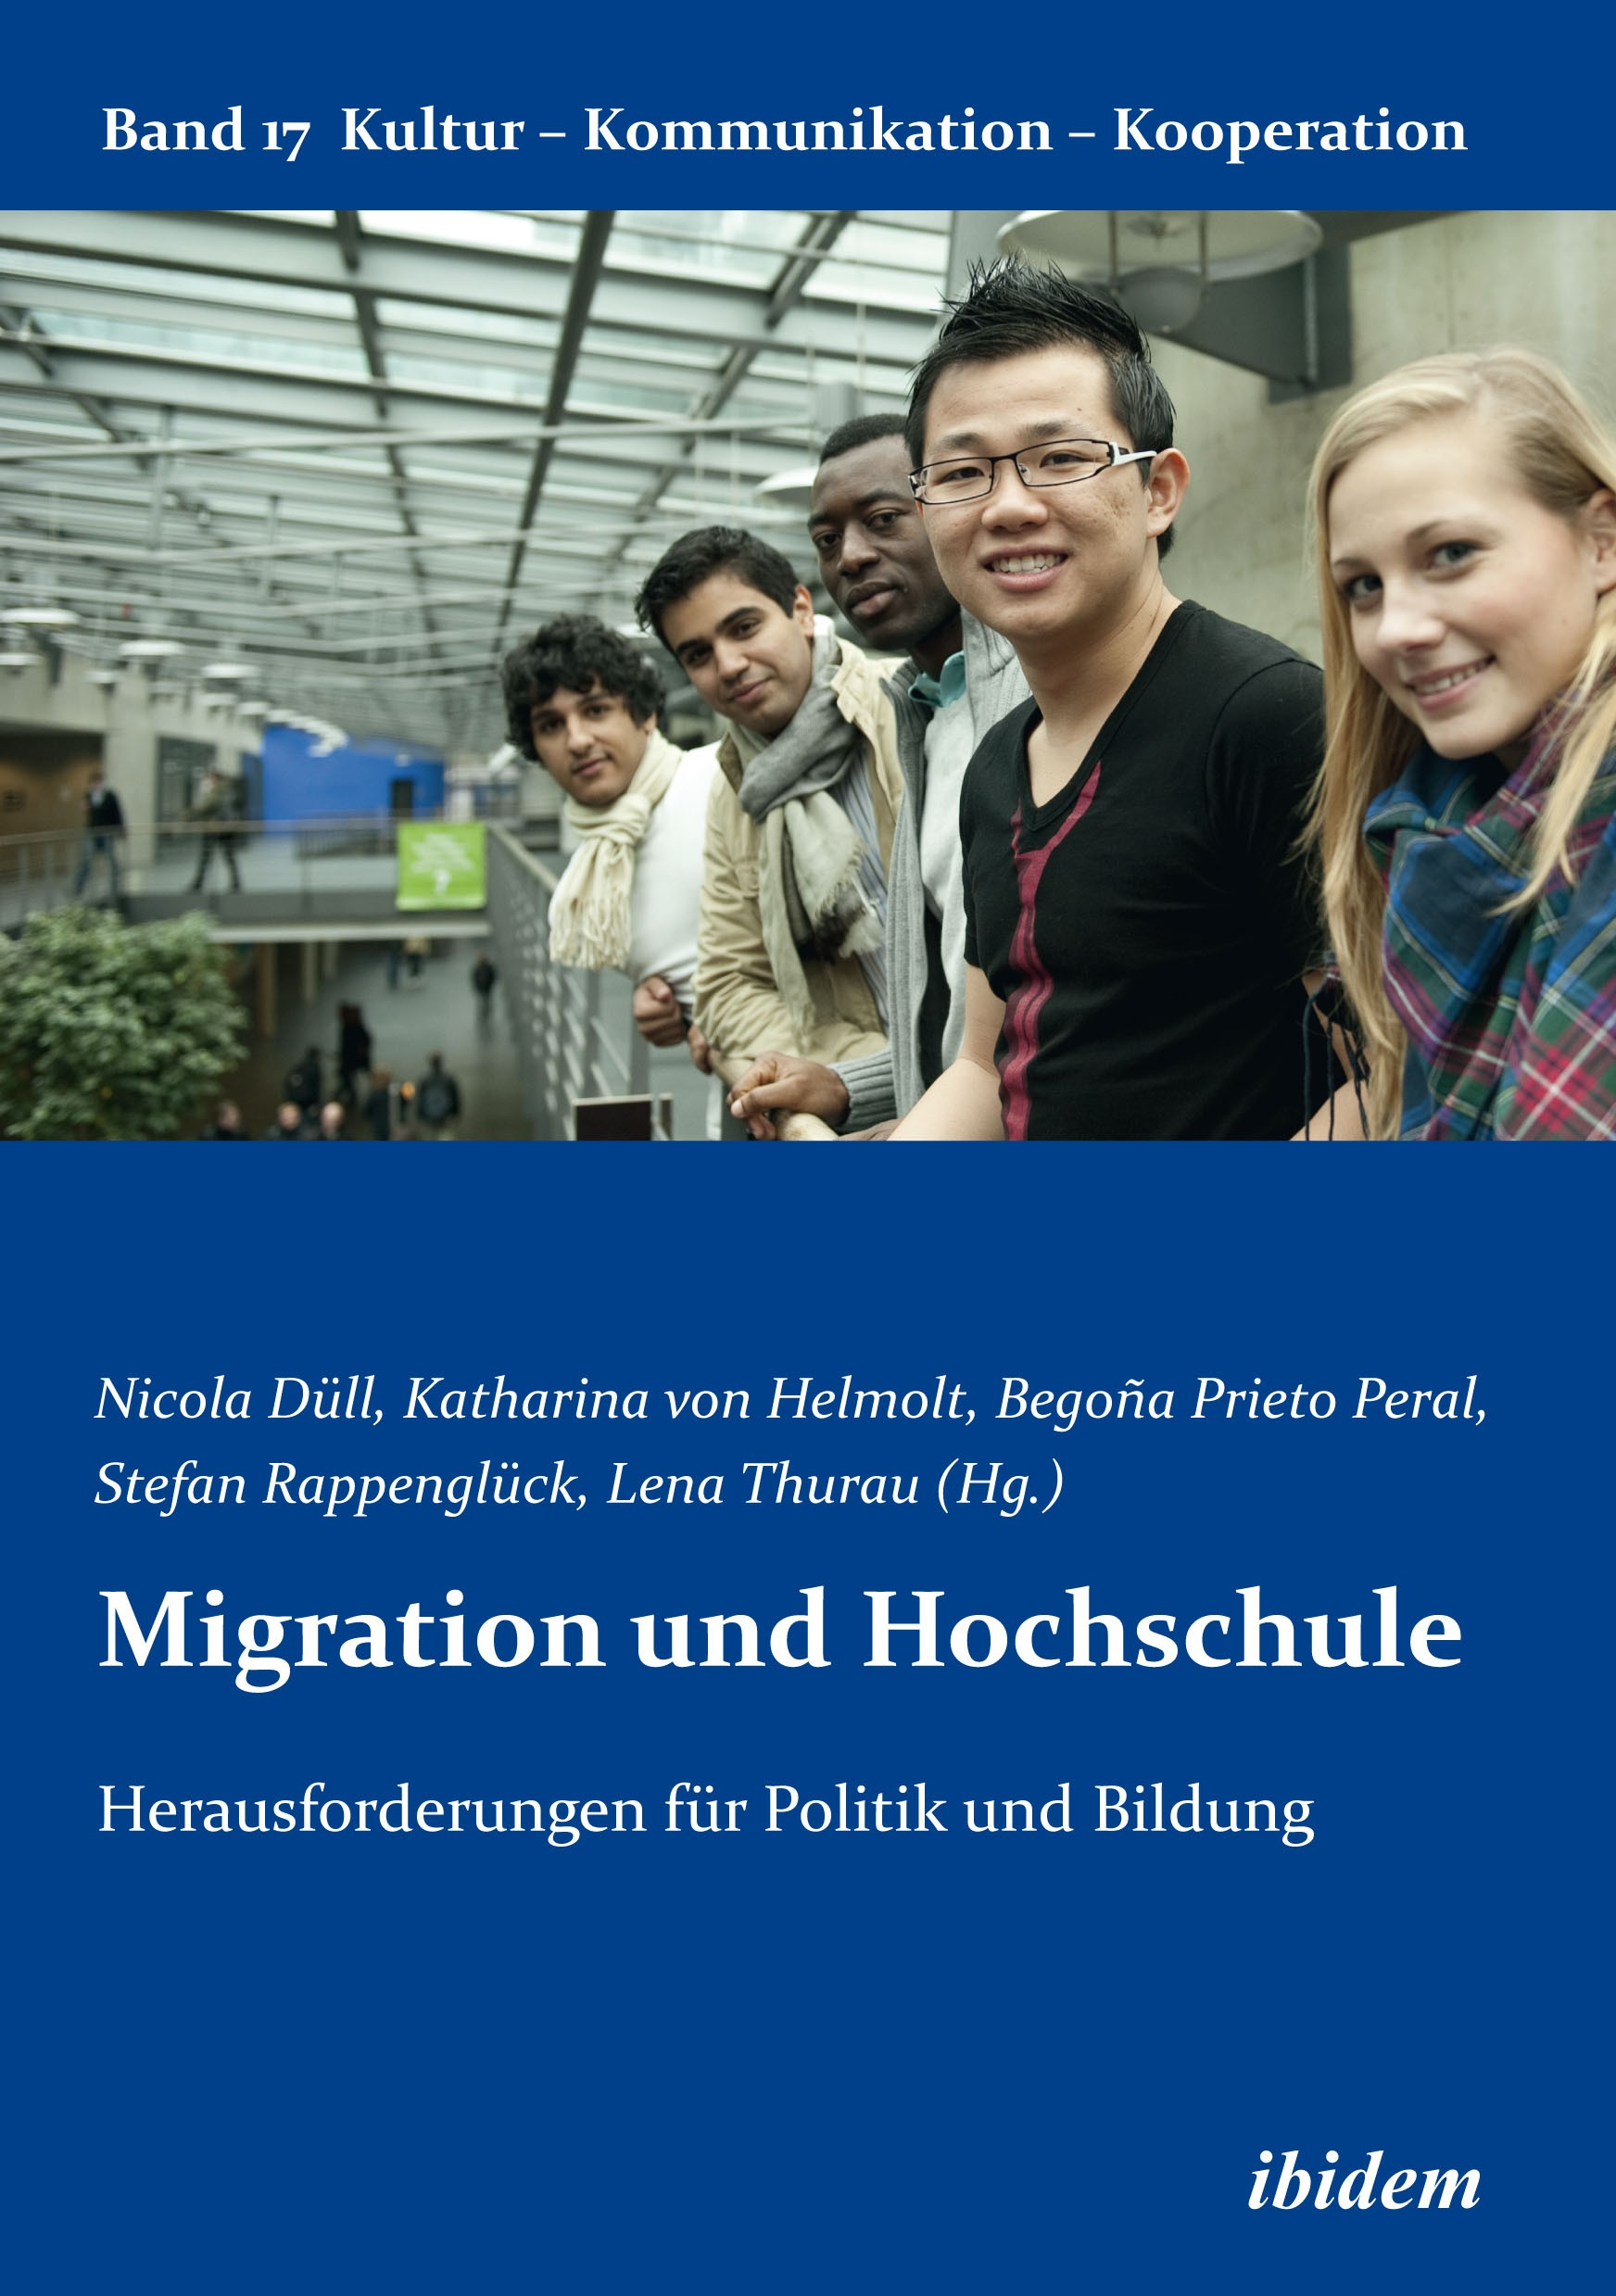 Migration und Hochschule